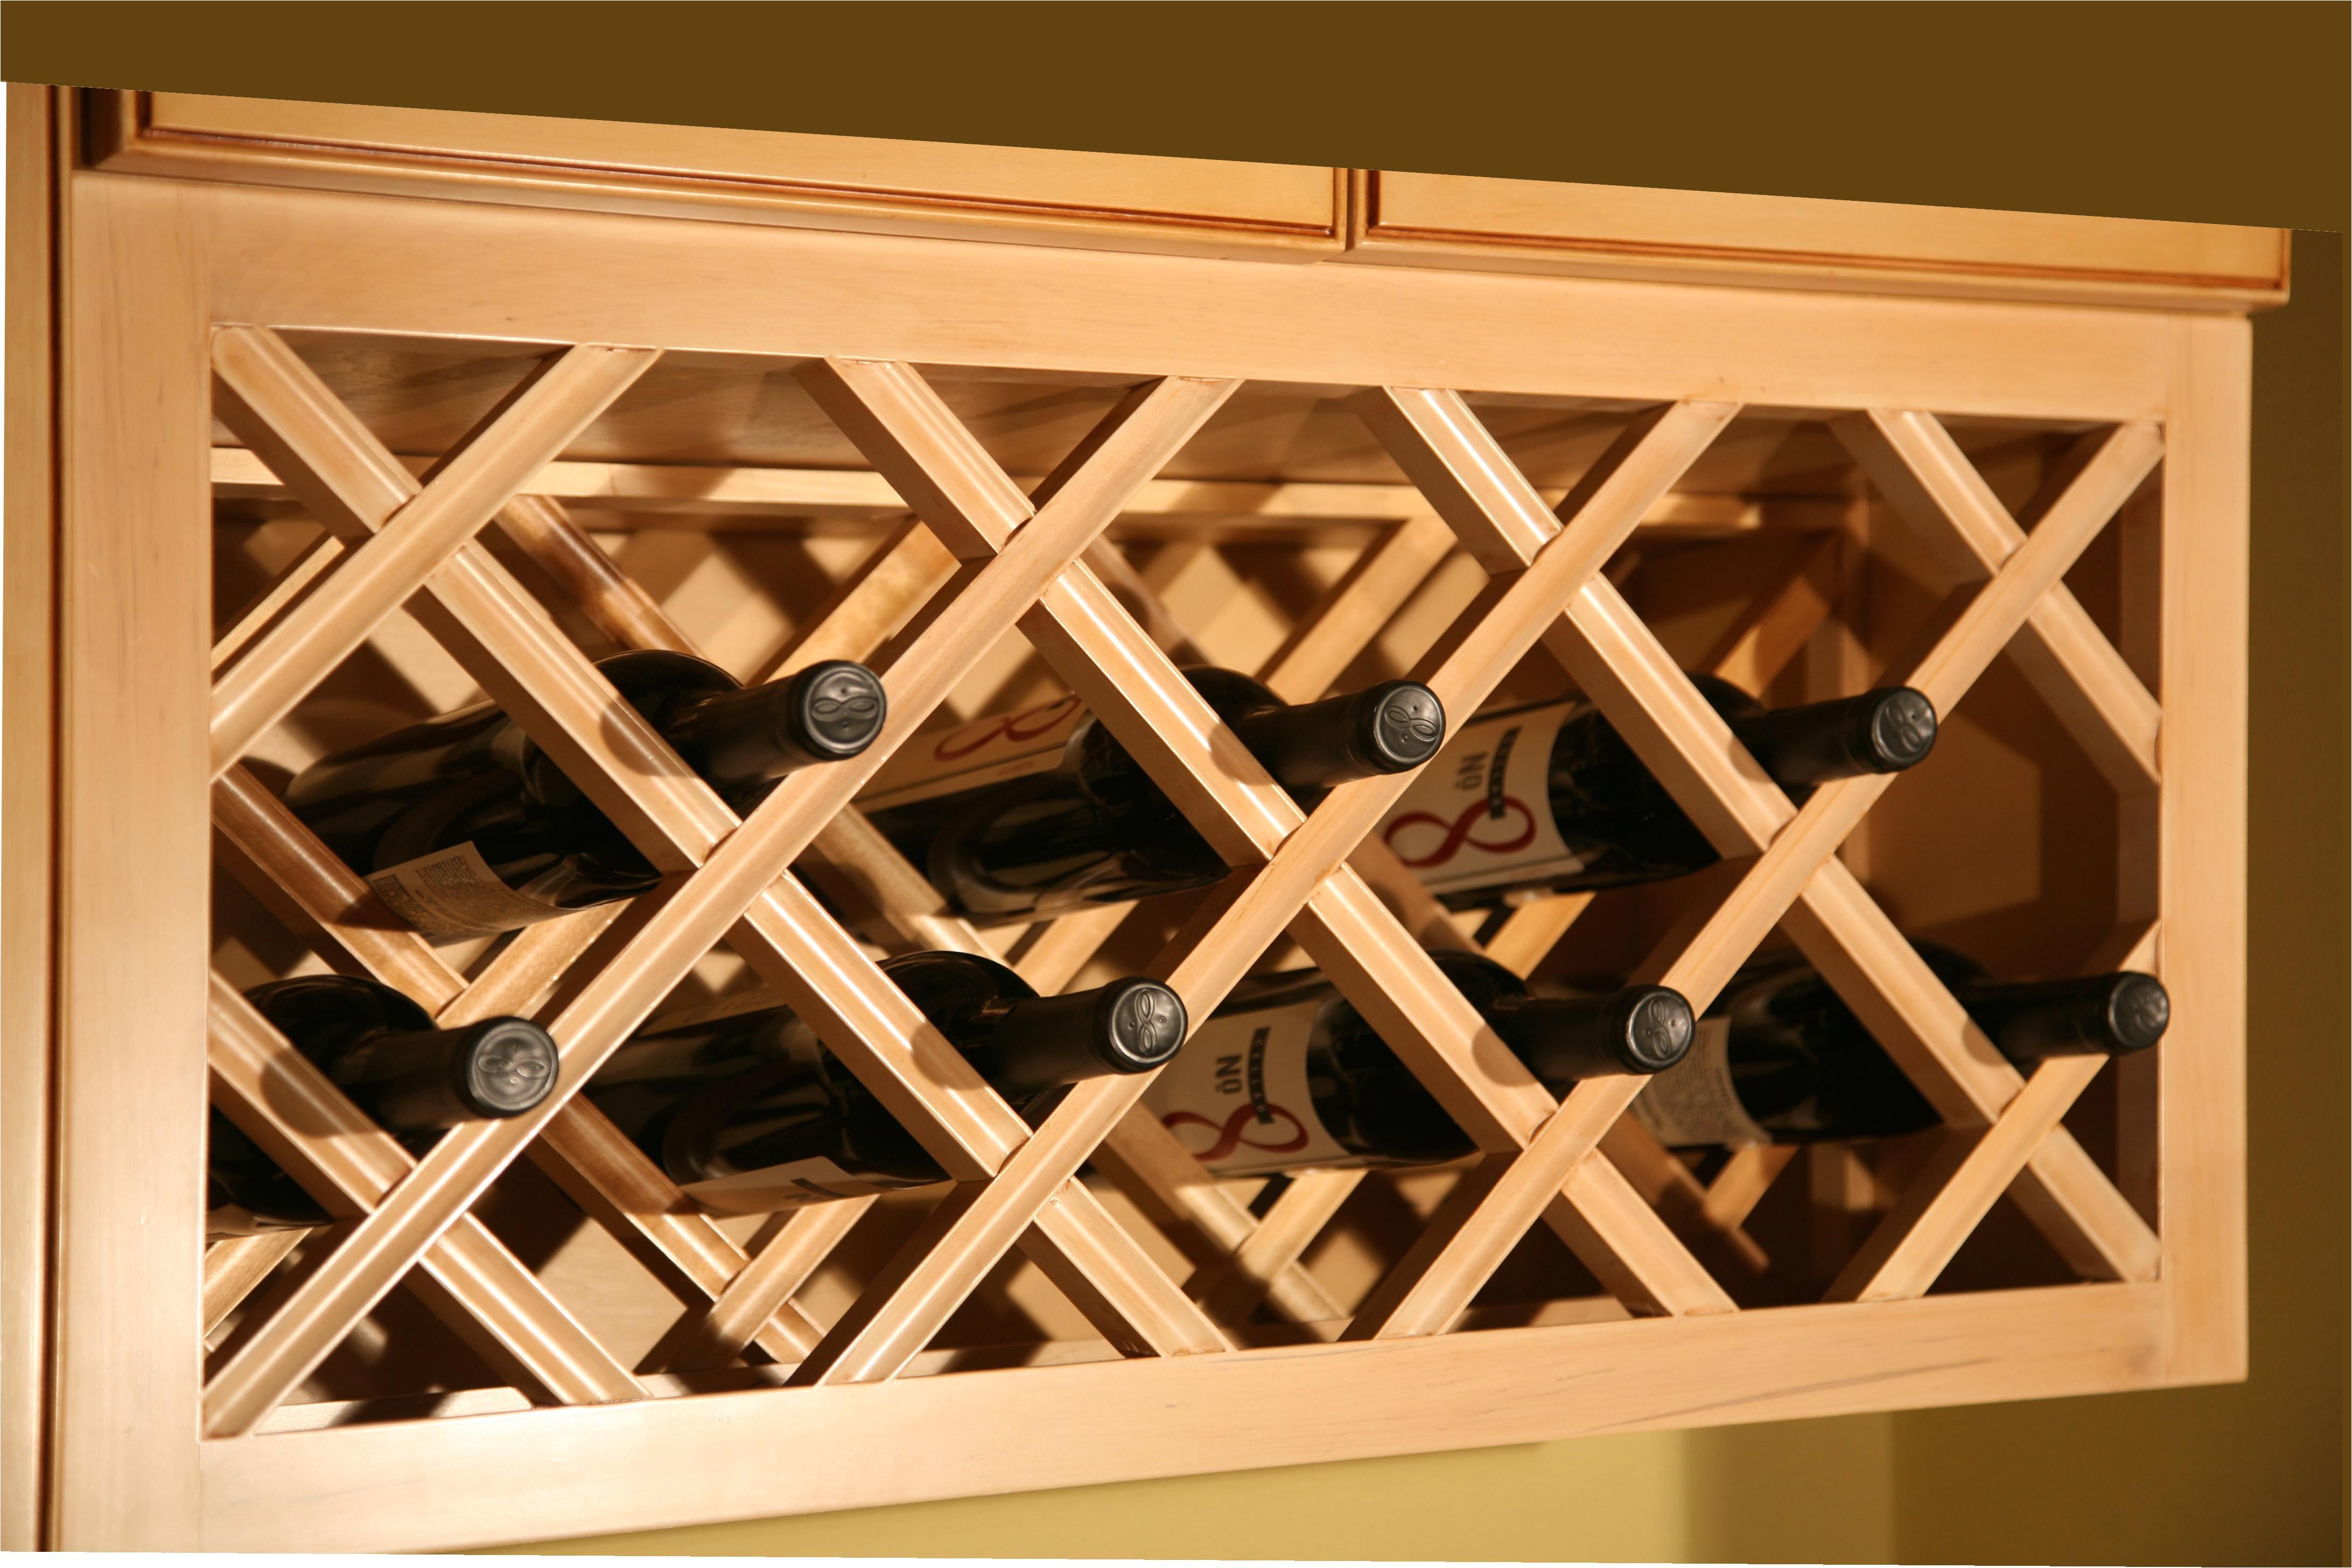 wine rack ideas diy perfect lattice wine rack plans and ideas of diy wood wine rack